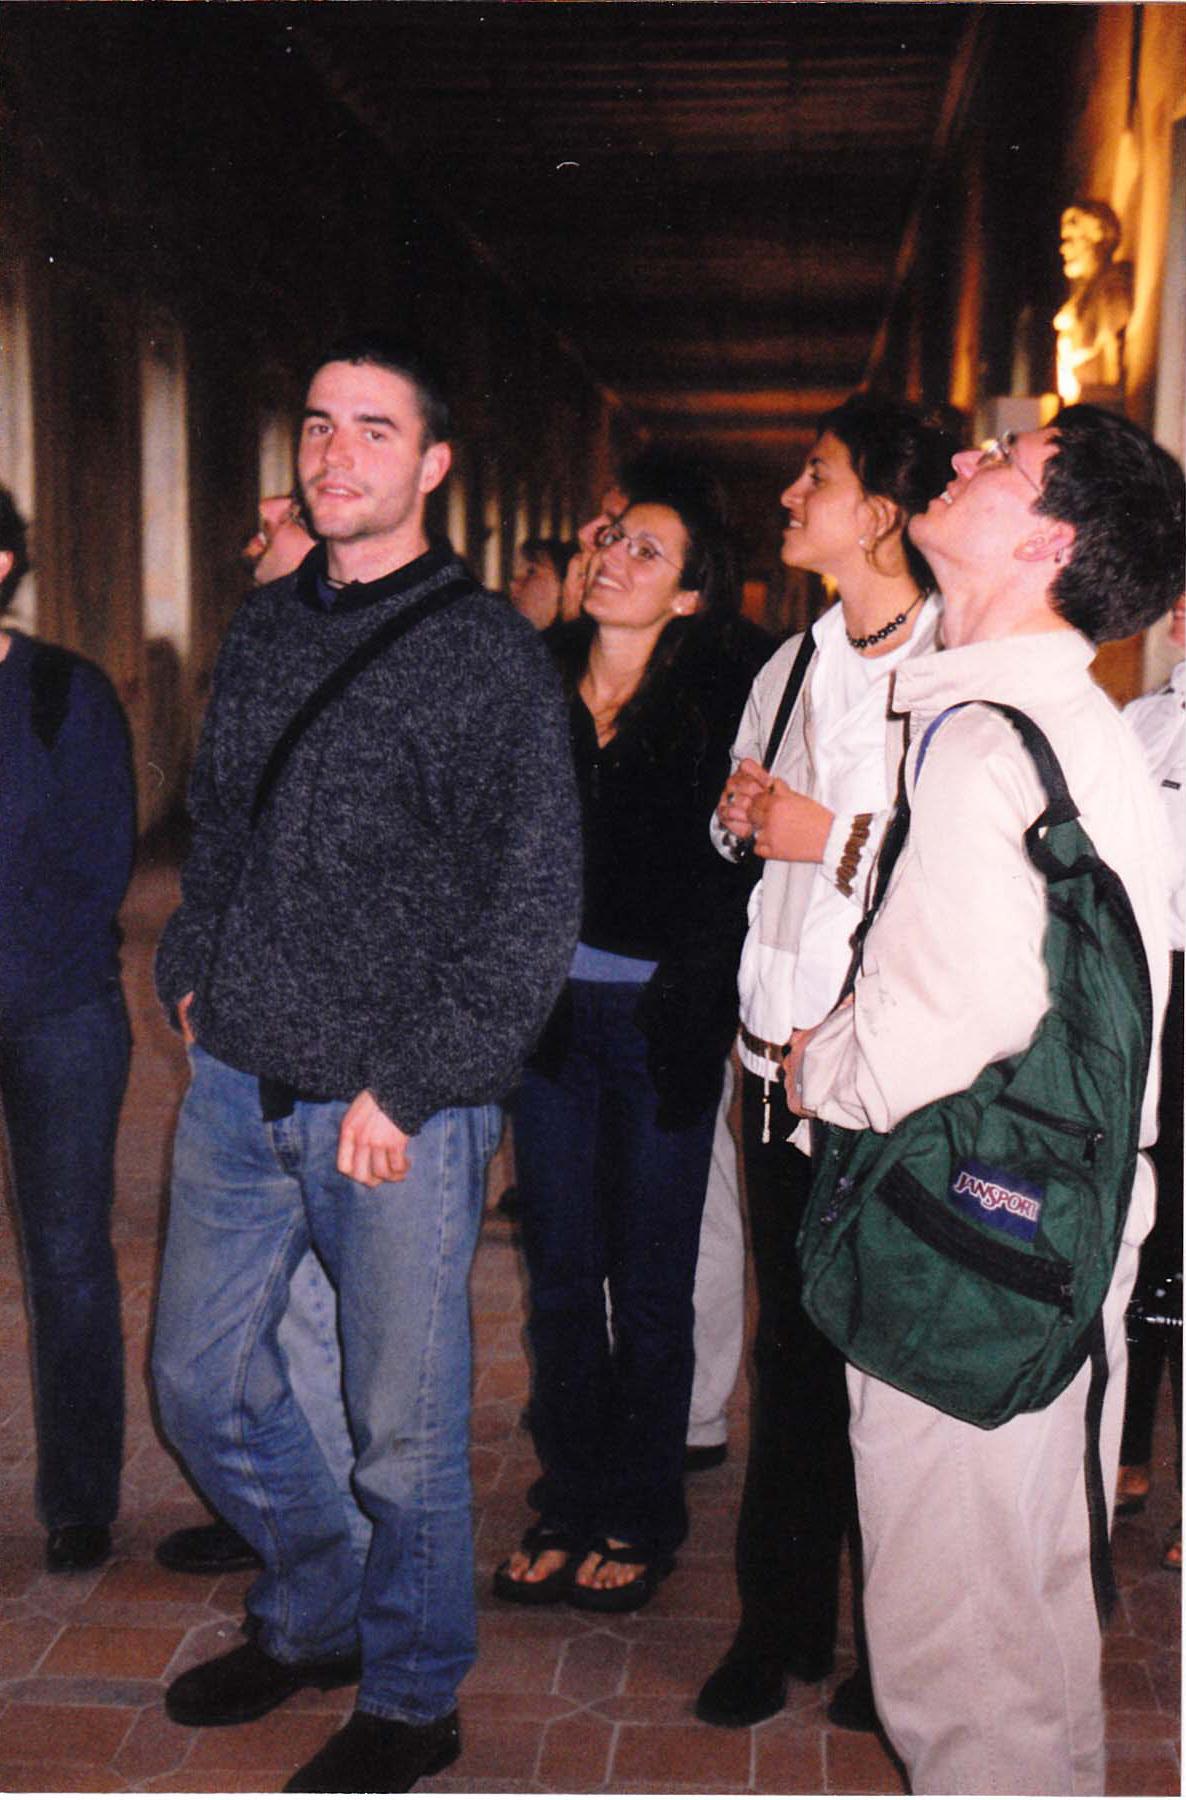 Photos 5 and 6 Bologna 98-99 bis1